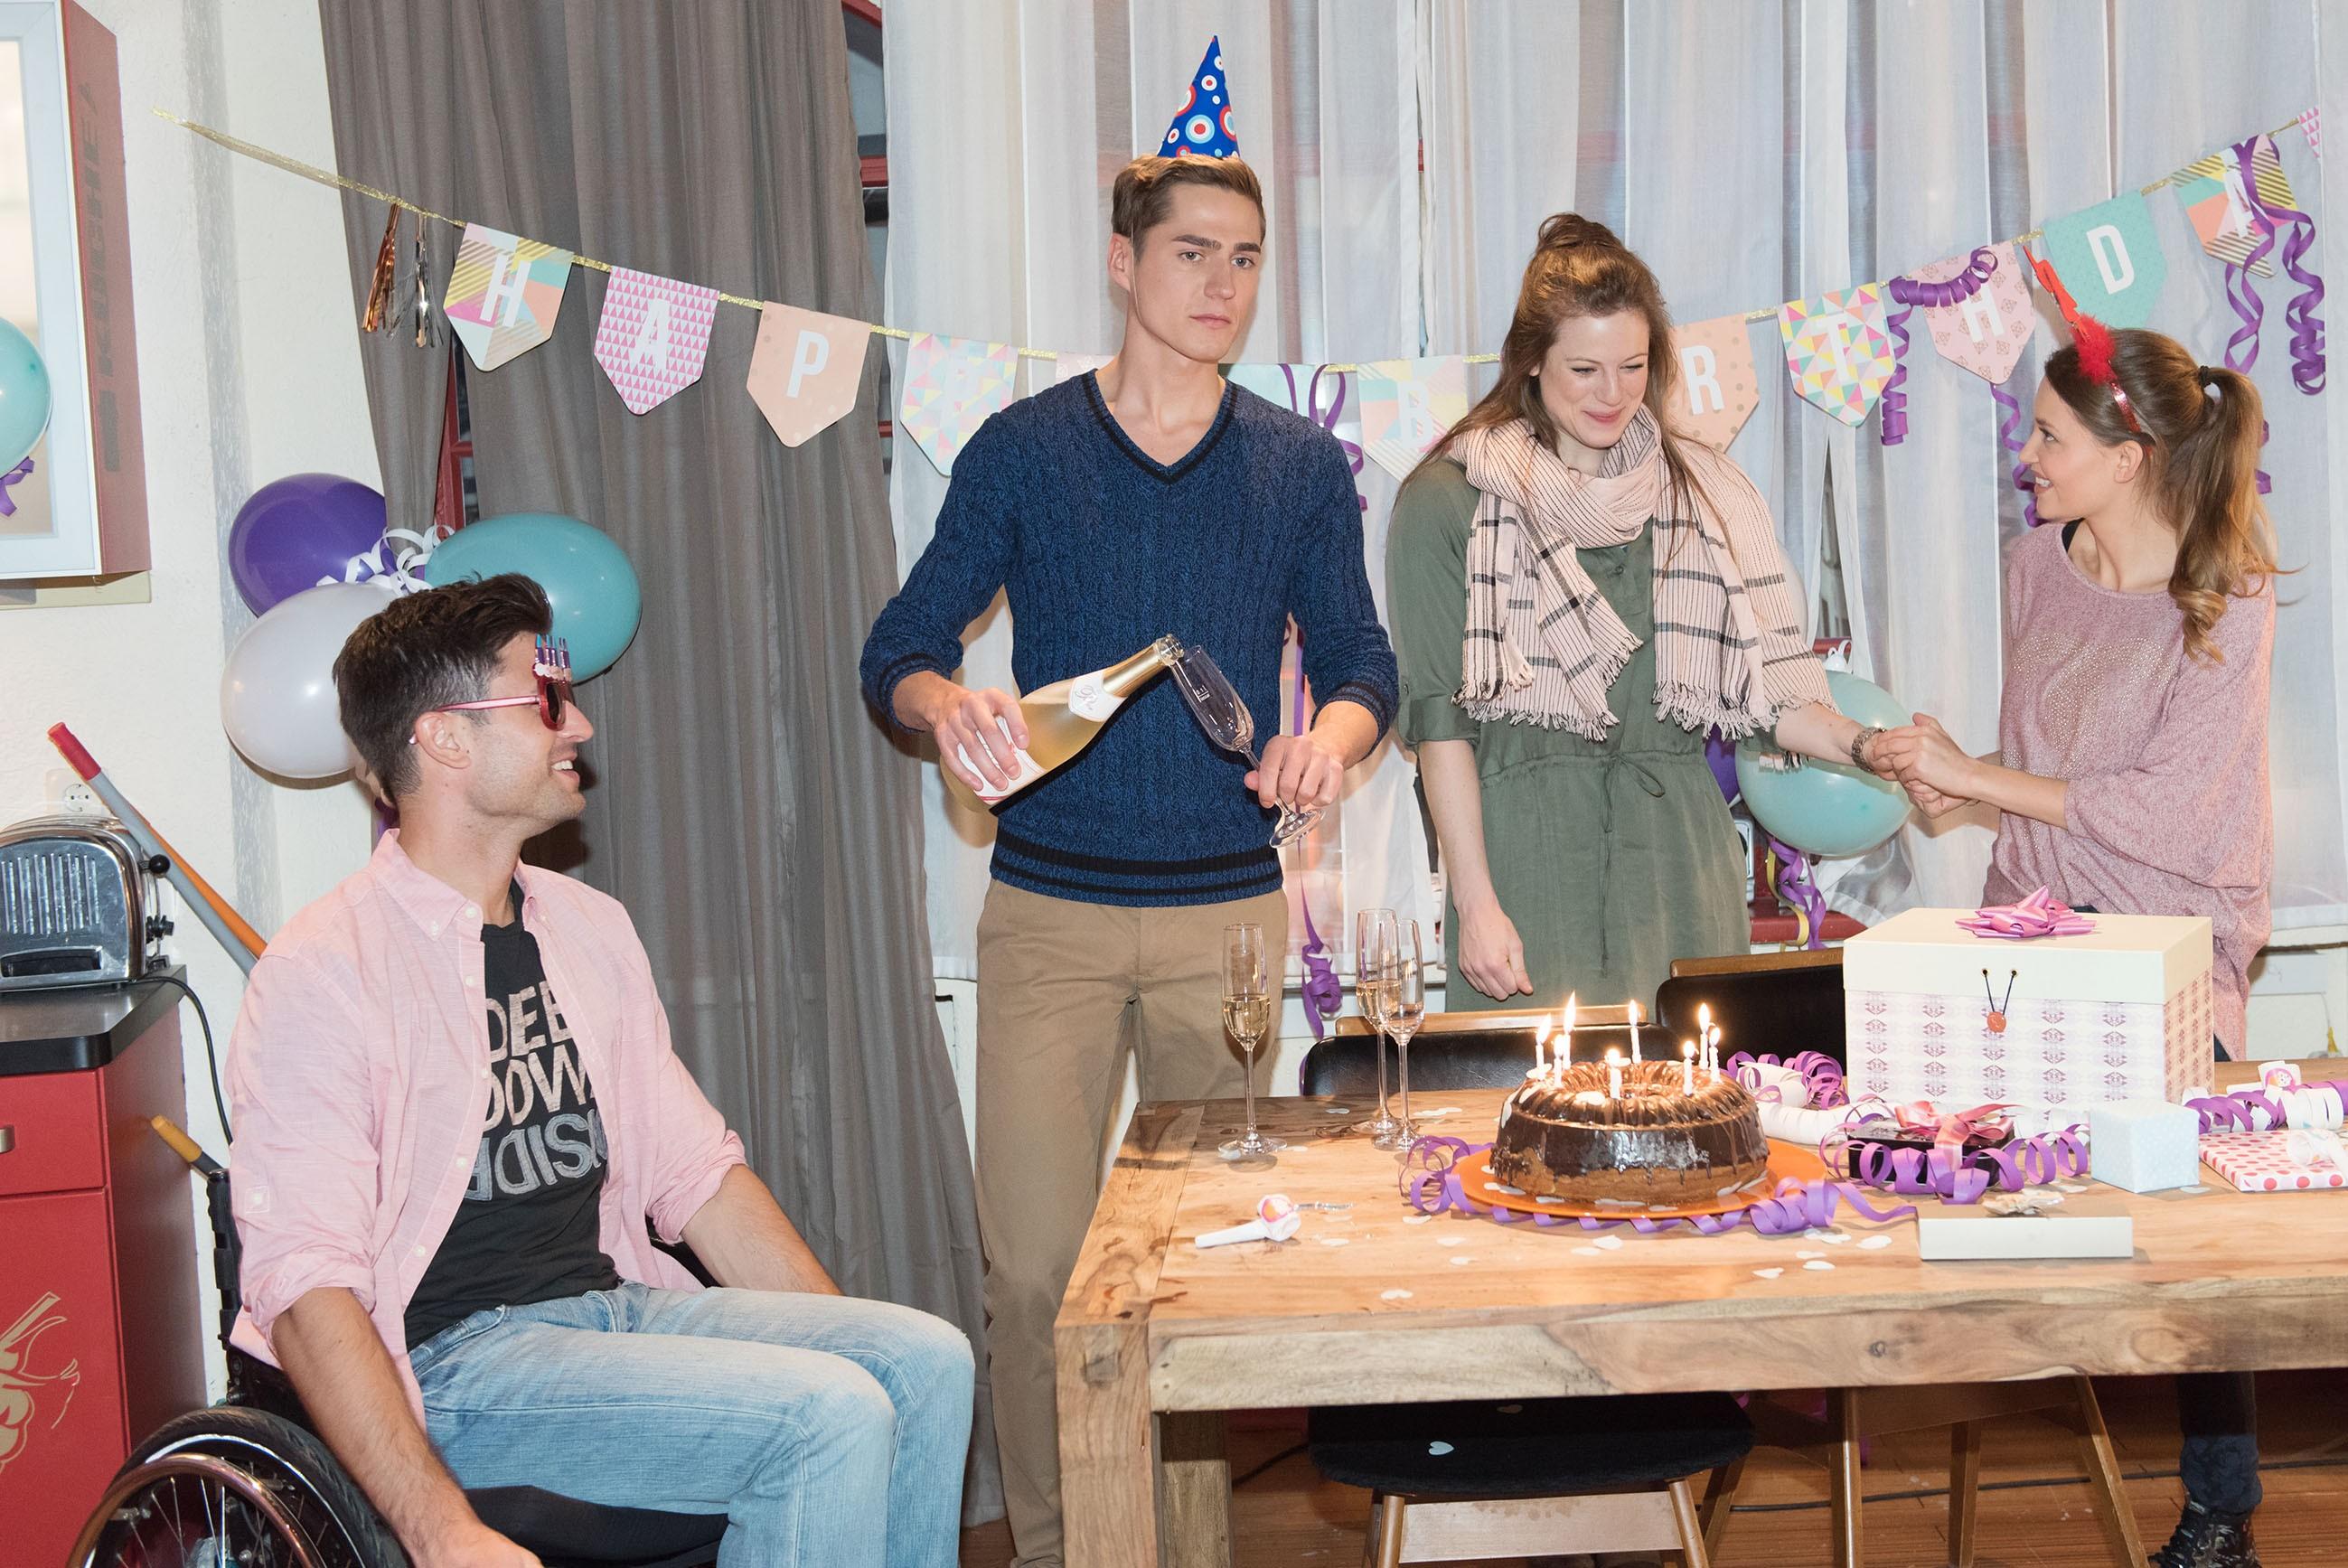 Während Paco (Milos Vukovic, l.) und Jule (Amrei Haardt, r.) sich für Ellis (Nora Koppen) Geburtstag ins Zeug gelegt haben, erkennt Ringo (Timothy Boldt), dass sein Geschenk für Elli eine ziemliche Enttäuschung werden wird. (Quelle: RTL / Stefan Behrens)